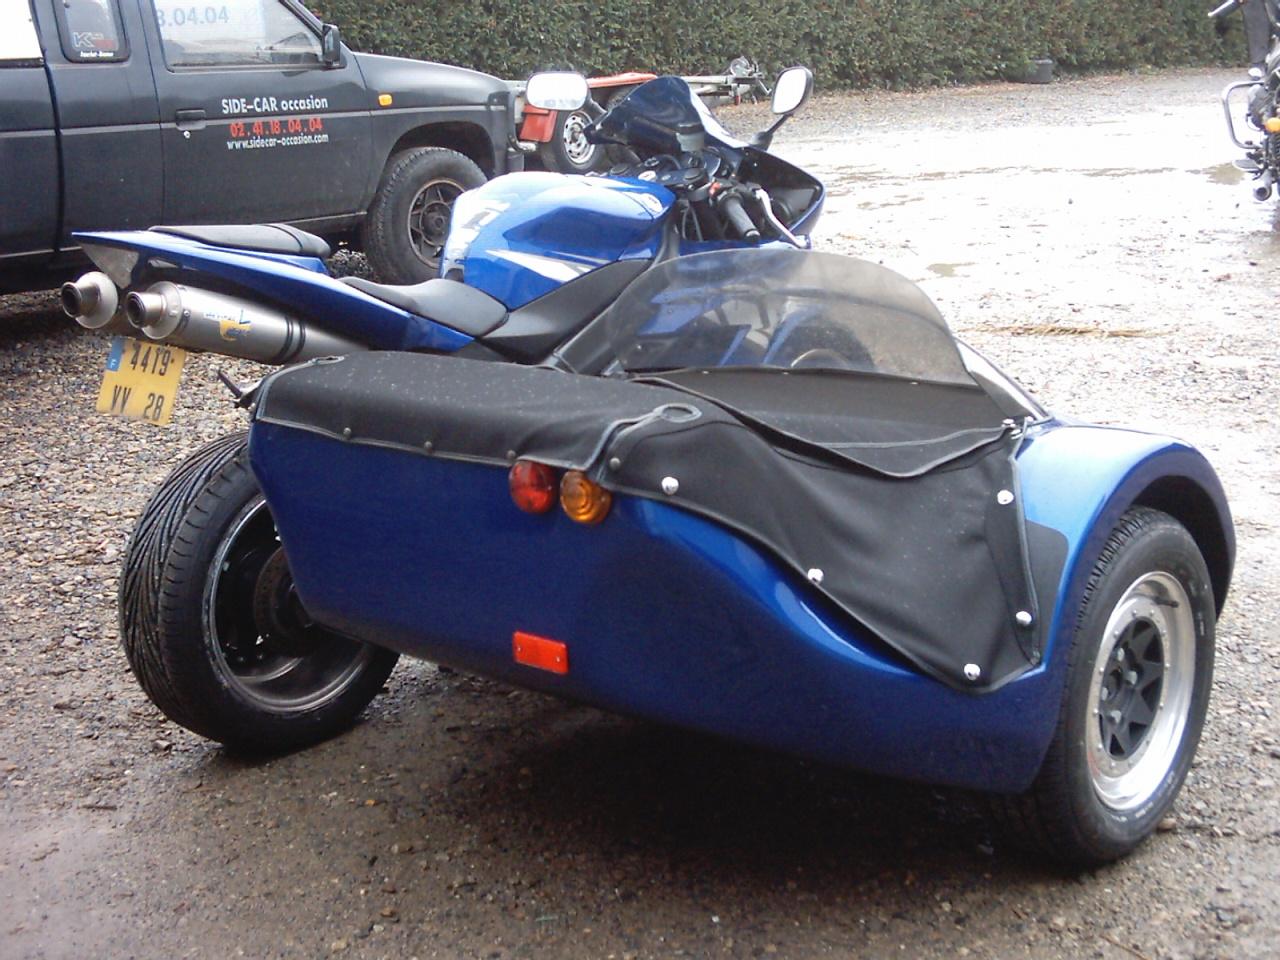 forums autres motos les sides ural prononc oural etc motos bandit. Black Bedroom Furniture Sets. Home Design Ideas